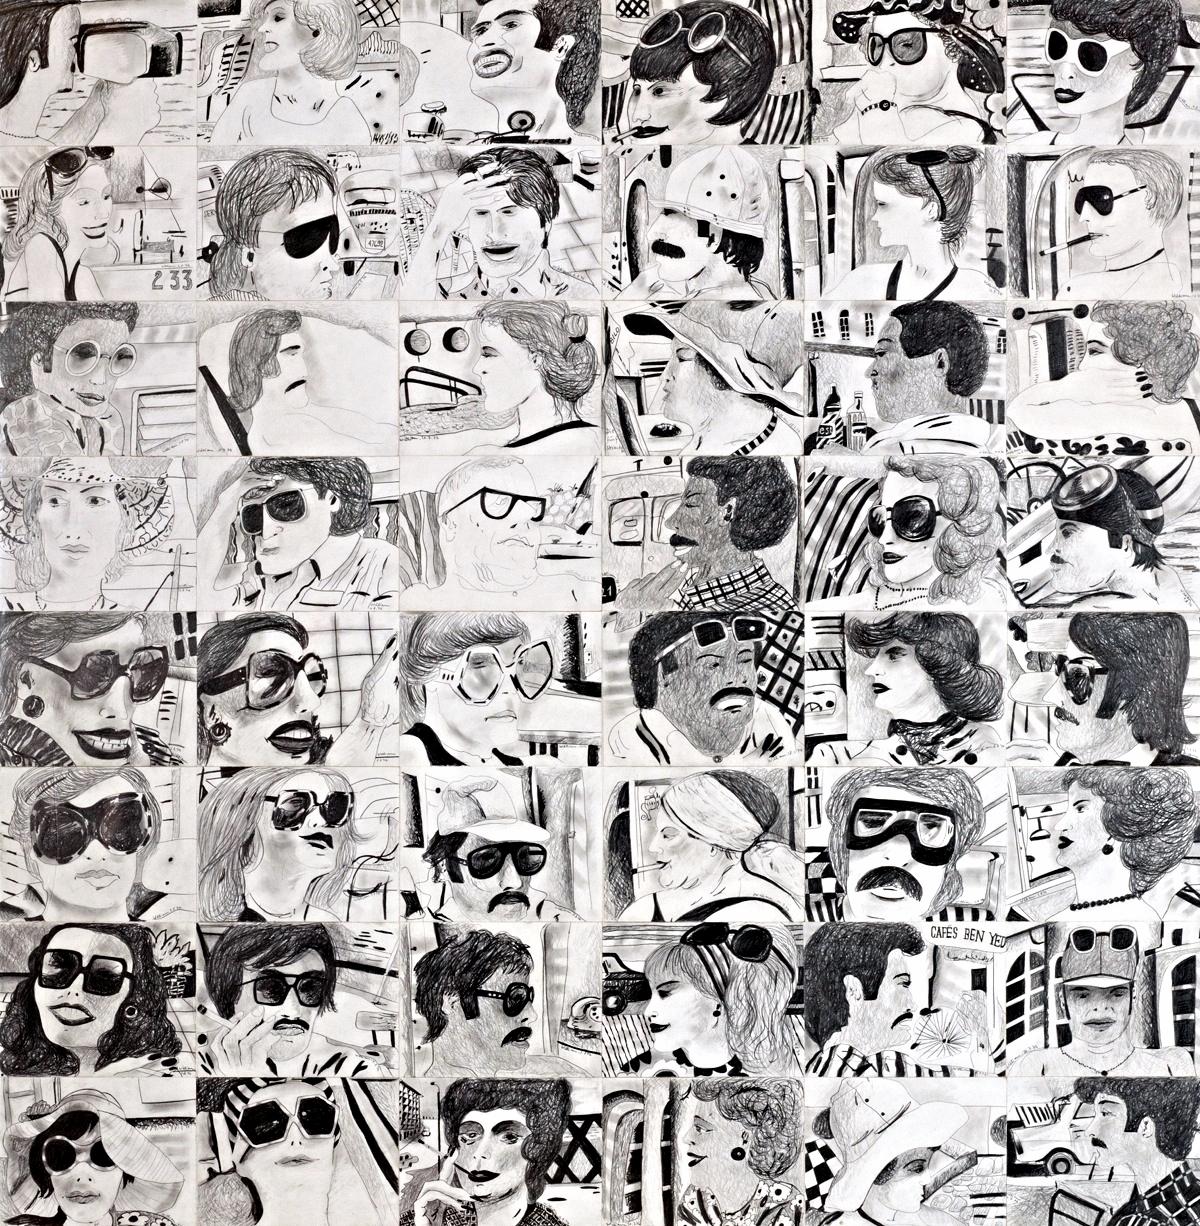 Porträtstudien, 1976